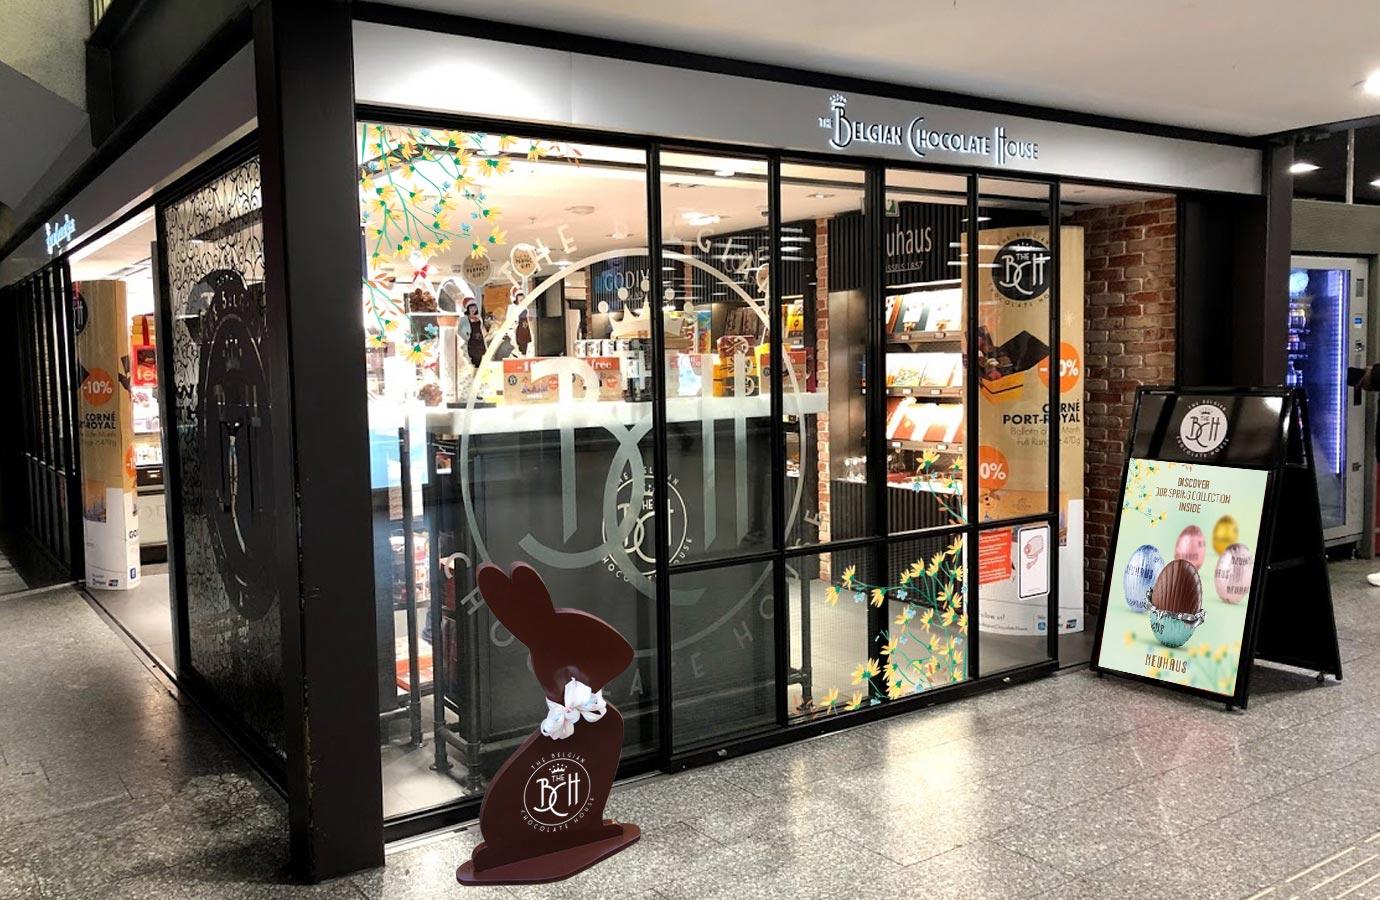 affichage extérieur chocolaterie Neuhaus, collection de Pâques